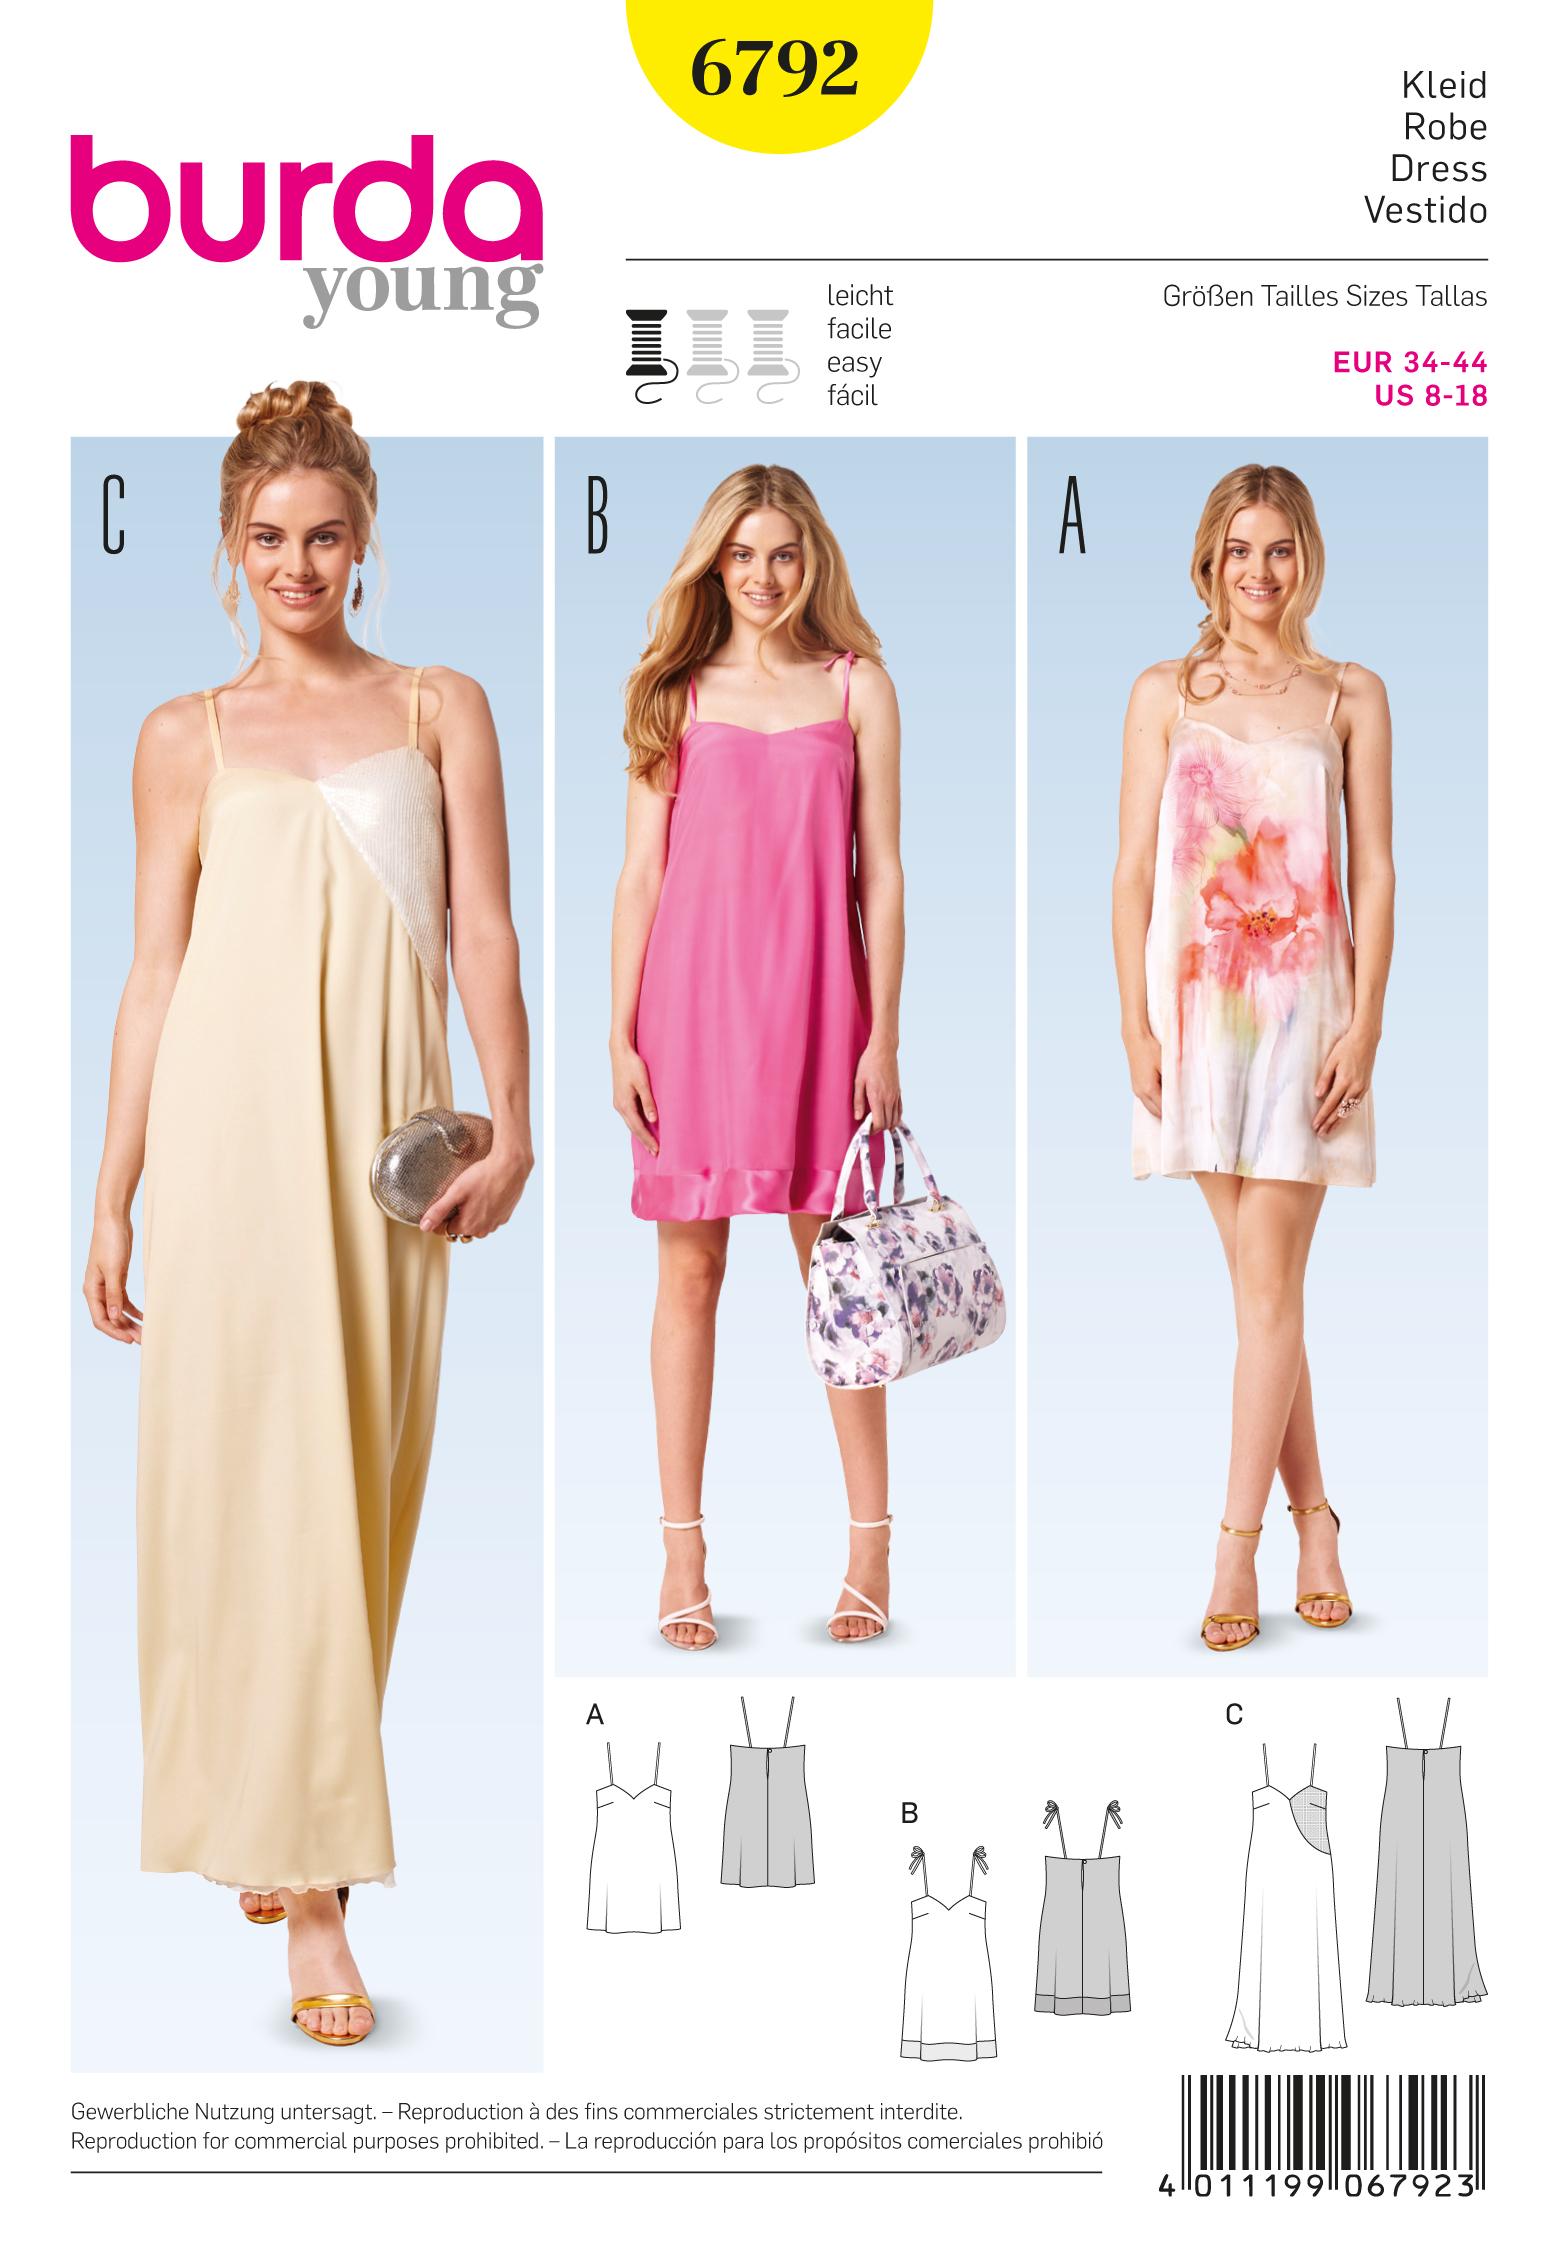 Burda 6792 Burda Style Dresses